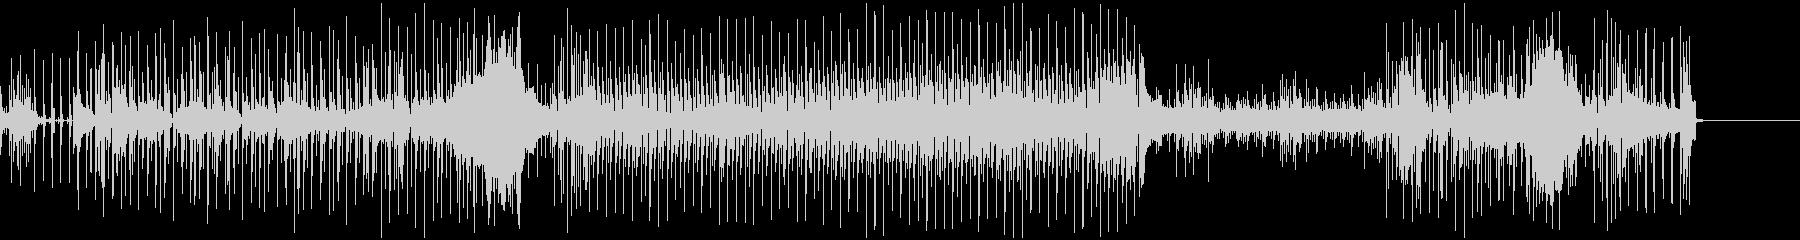 ゲーム音楽っぽいBGMですの未再生の波形